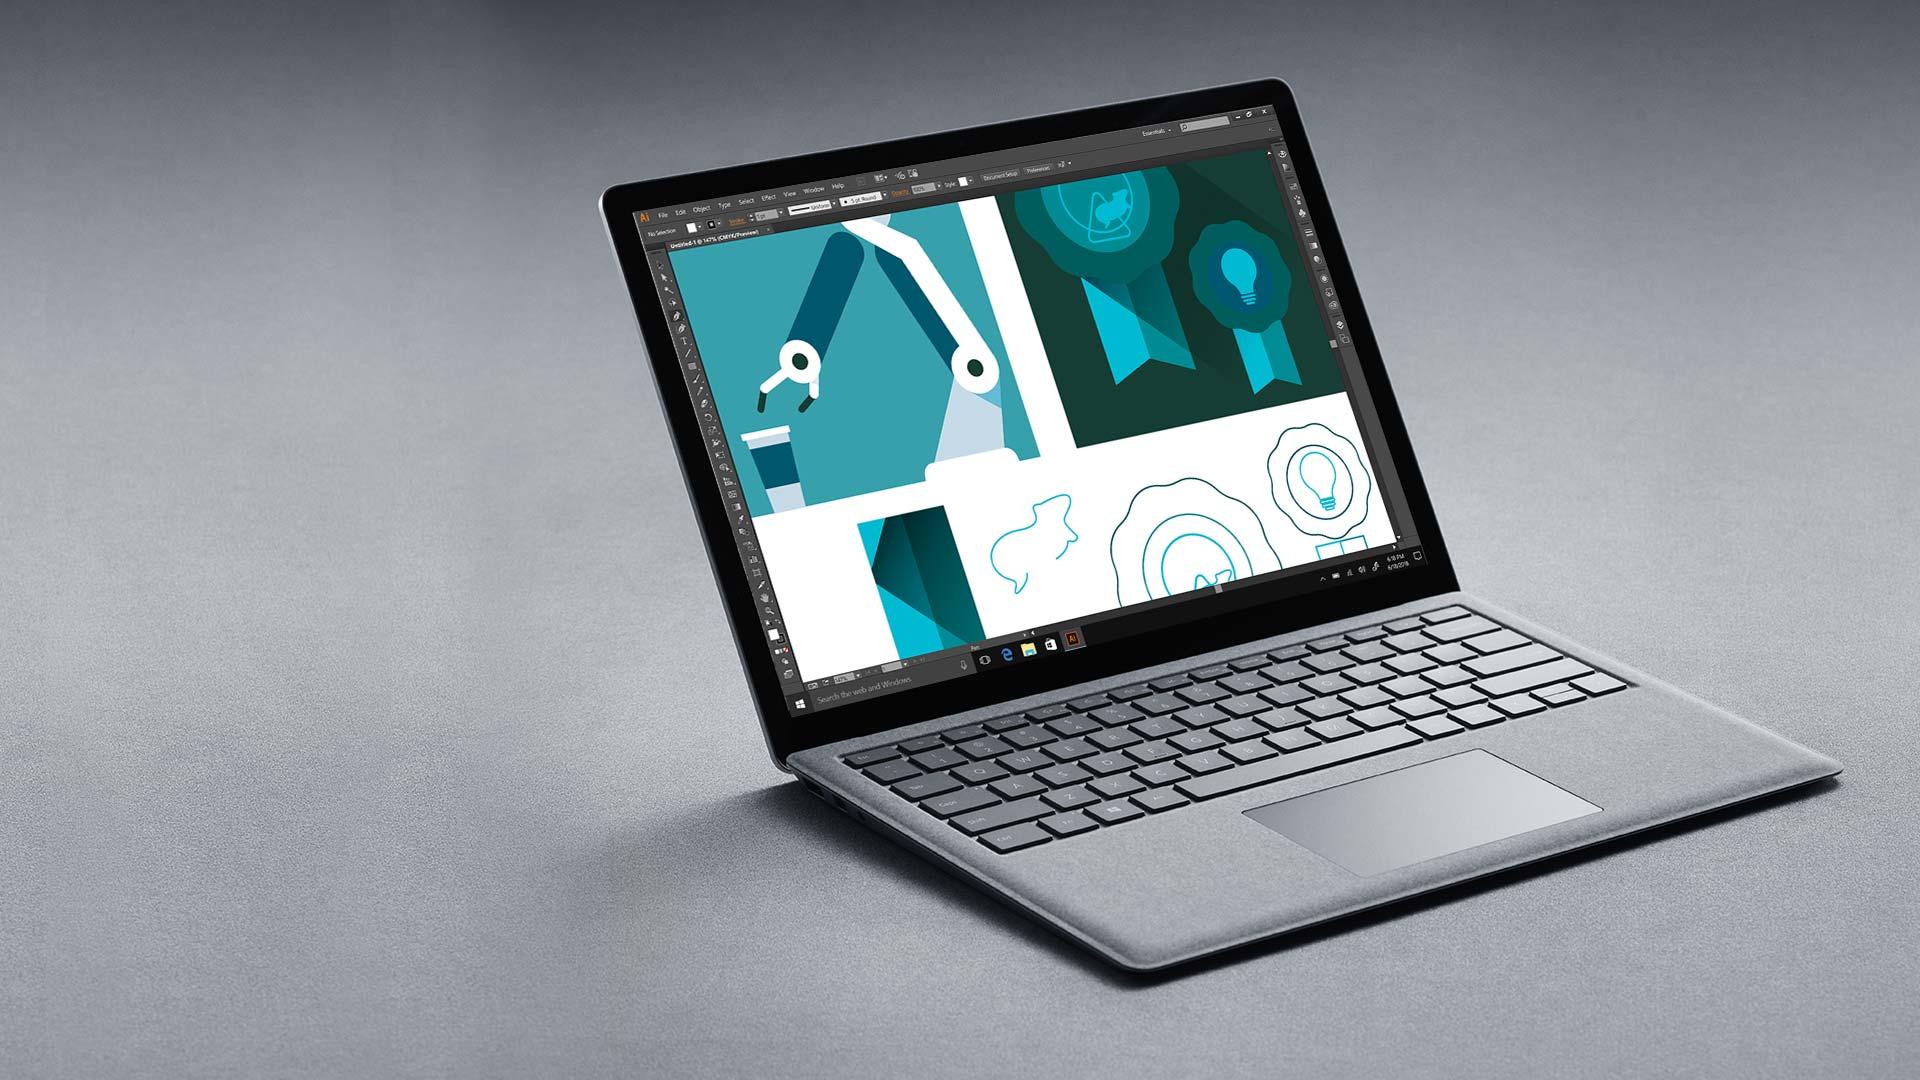 白金色 Surface Laptop 顯示 Adobe Illustrator 畫面。